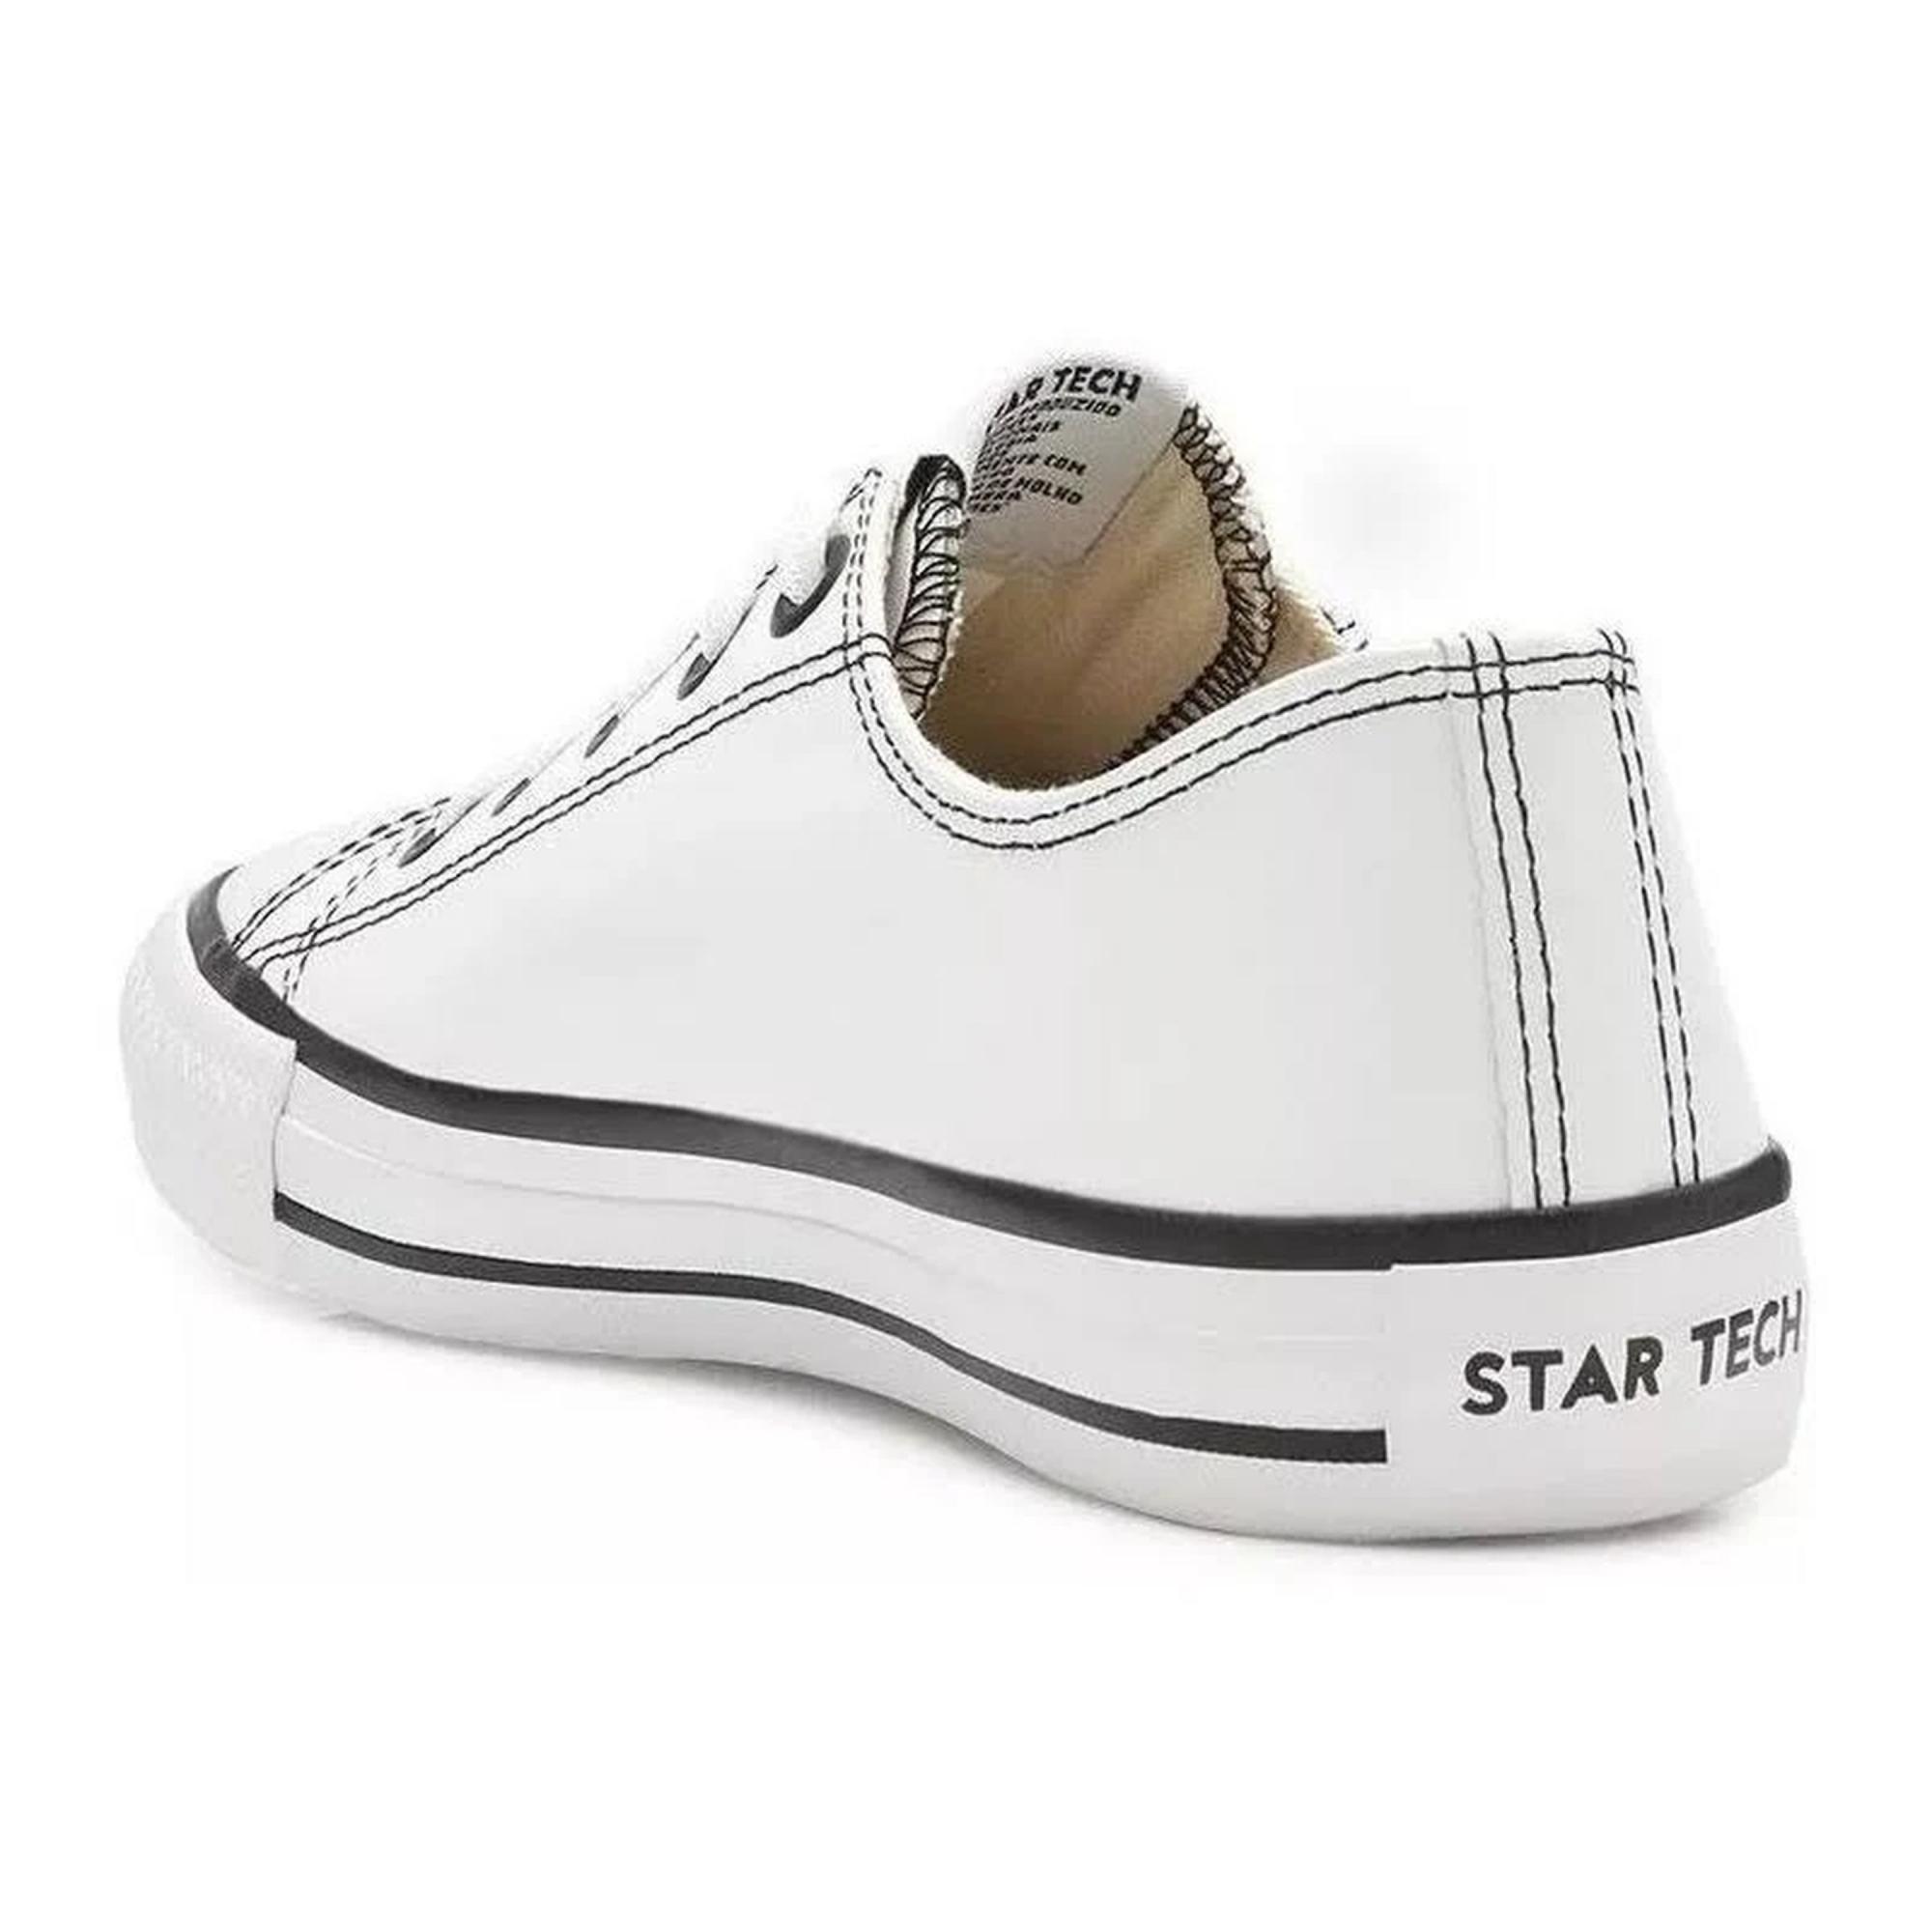 Tênis Street Star Couro Low Feminino St0142 Novo NF